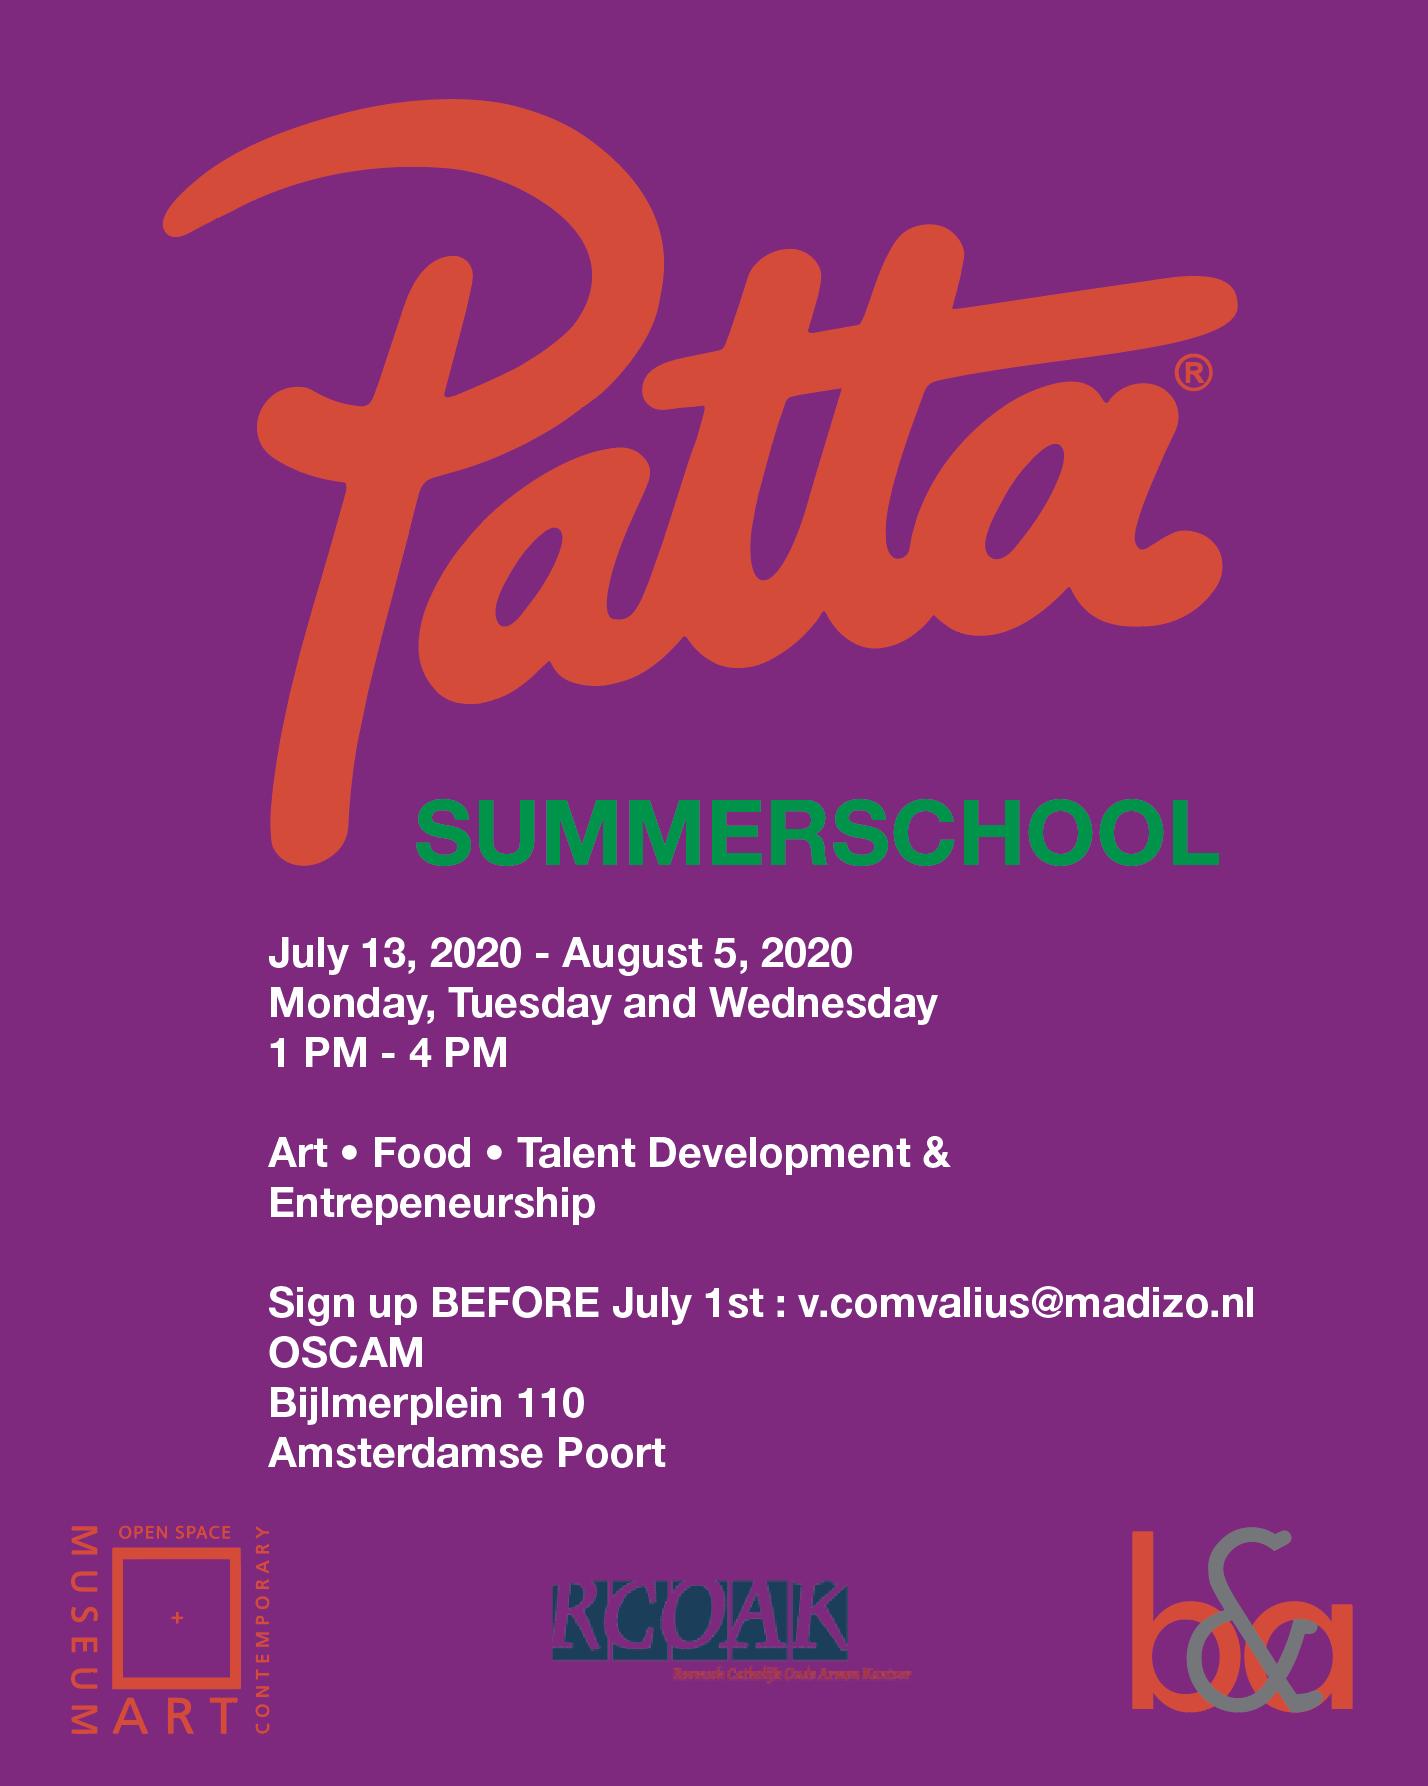 OSCAM x Patta Summerschool